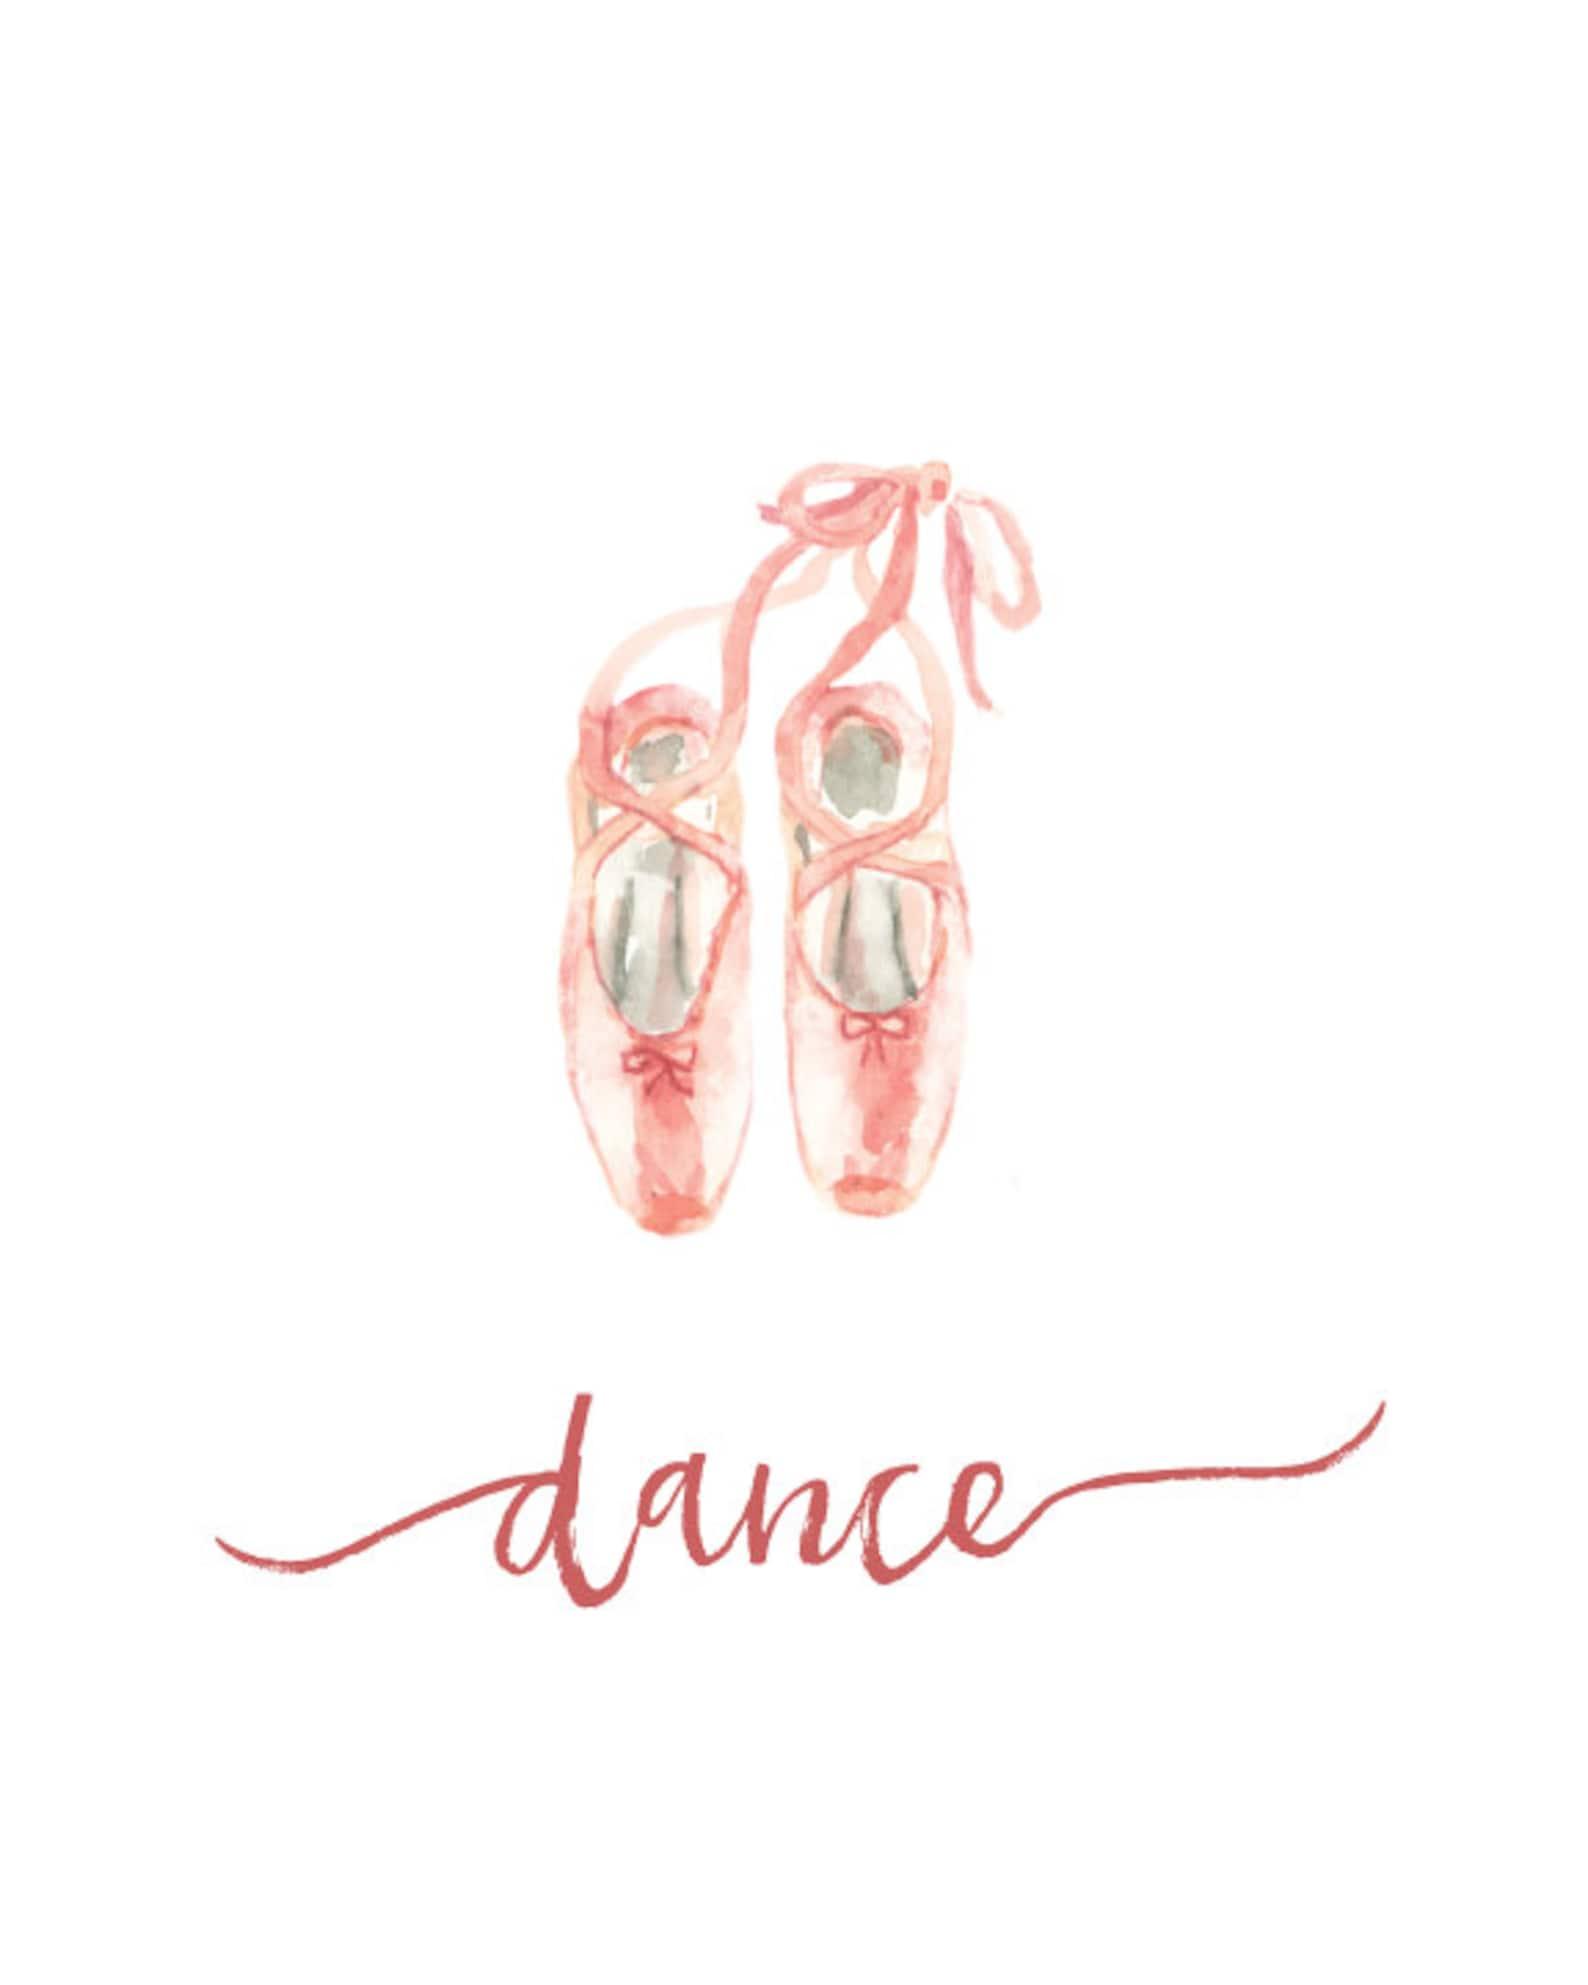 ballet art print - pink ballet shoes - dance - watercolor art print - nursery decor - various sizes - modern art